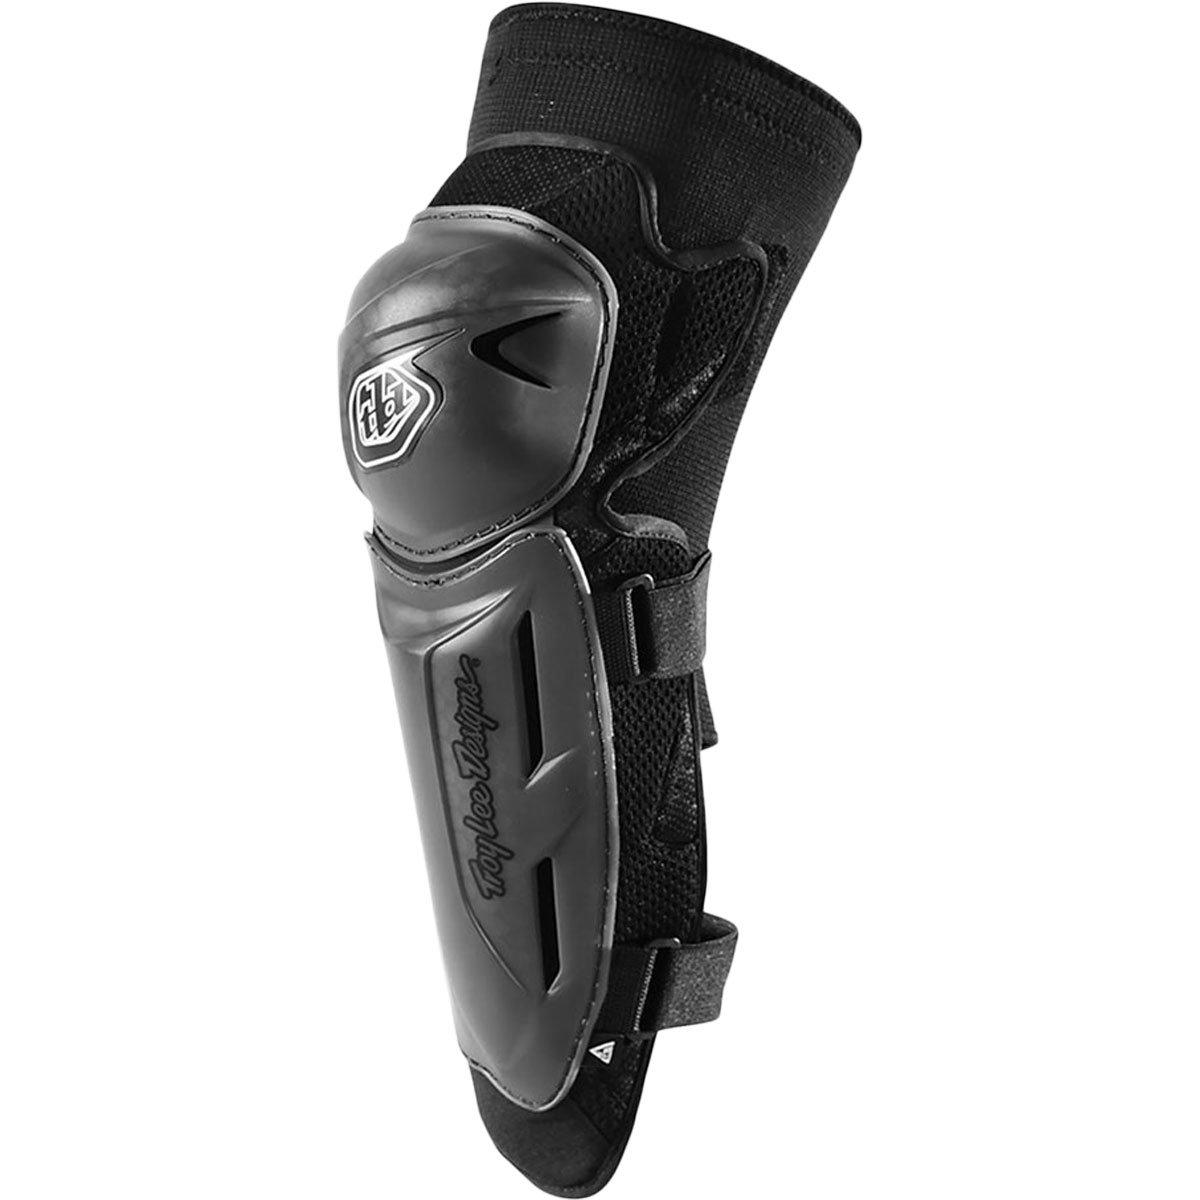 Troy Lee Designs Method Knee Guard - Black X-Large/2X-Large by Troy Lee Designs